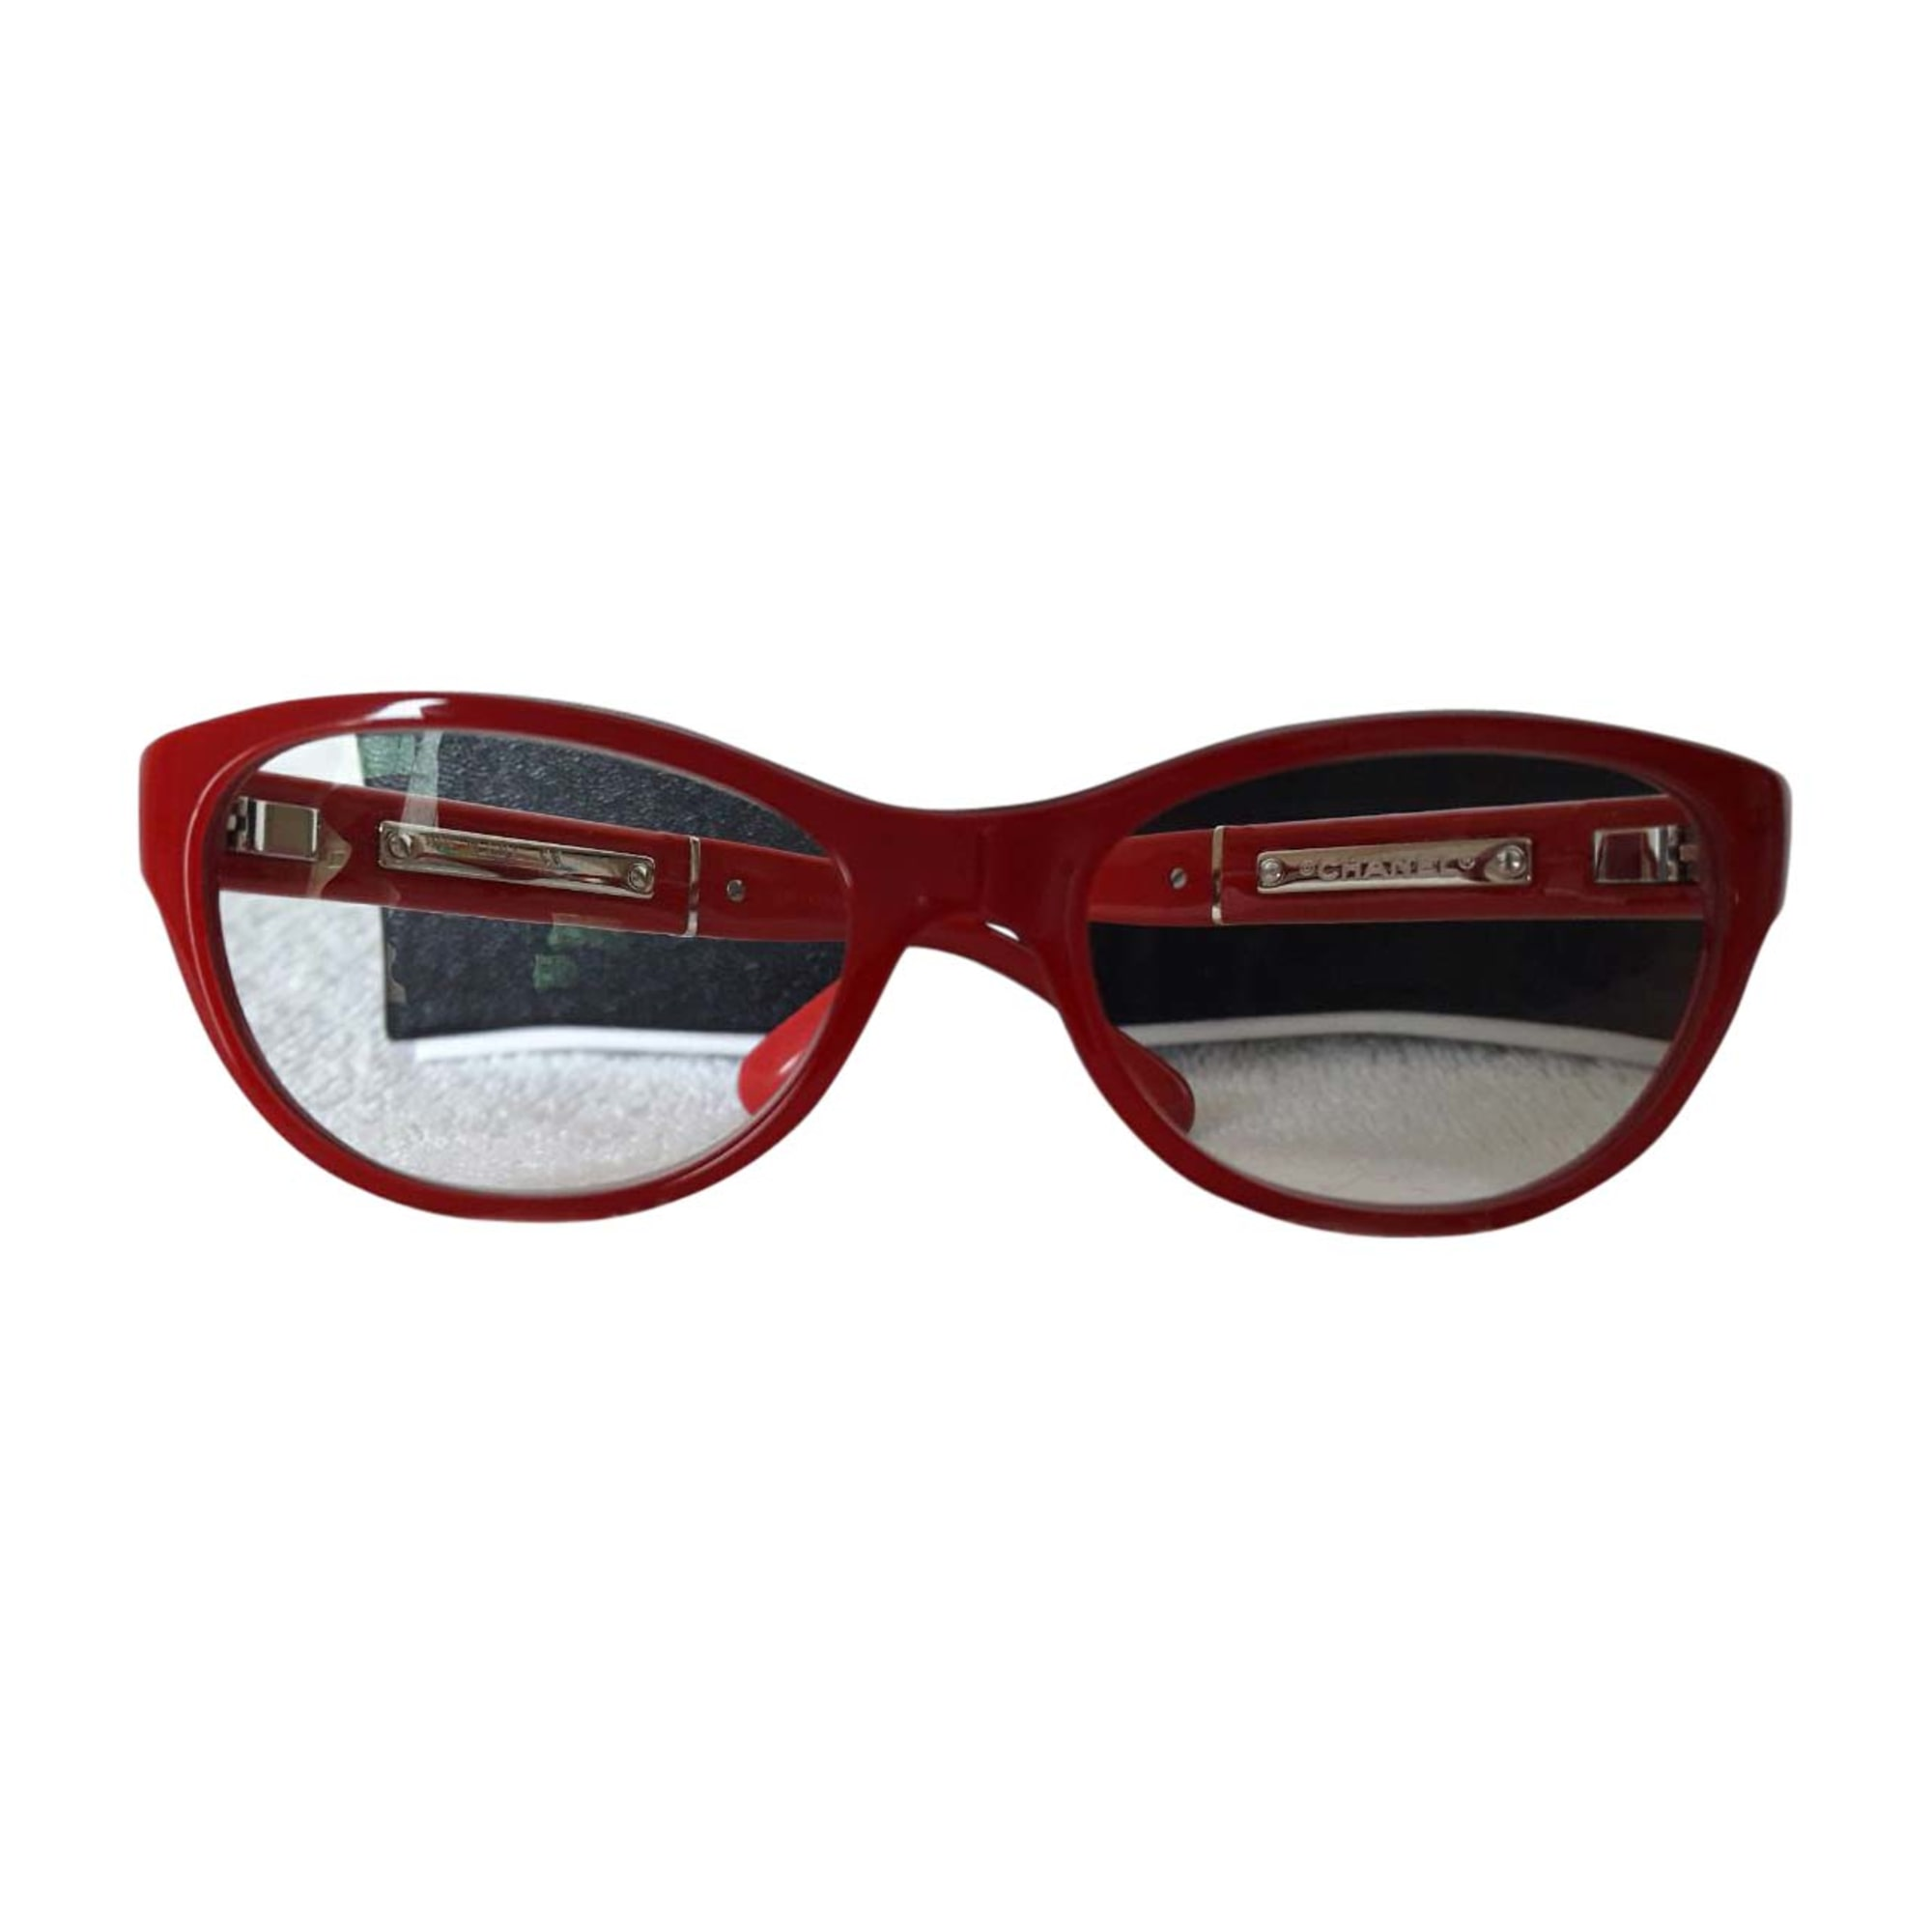 ac1a7af9c8 Monture de lunettes CHANEL Rouge, bordeaux